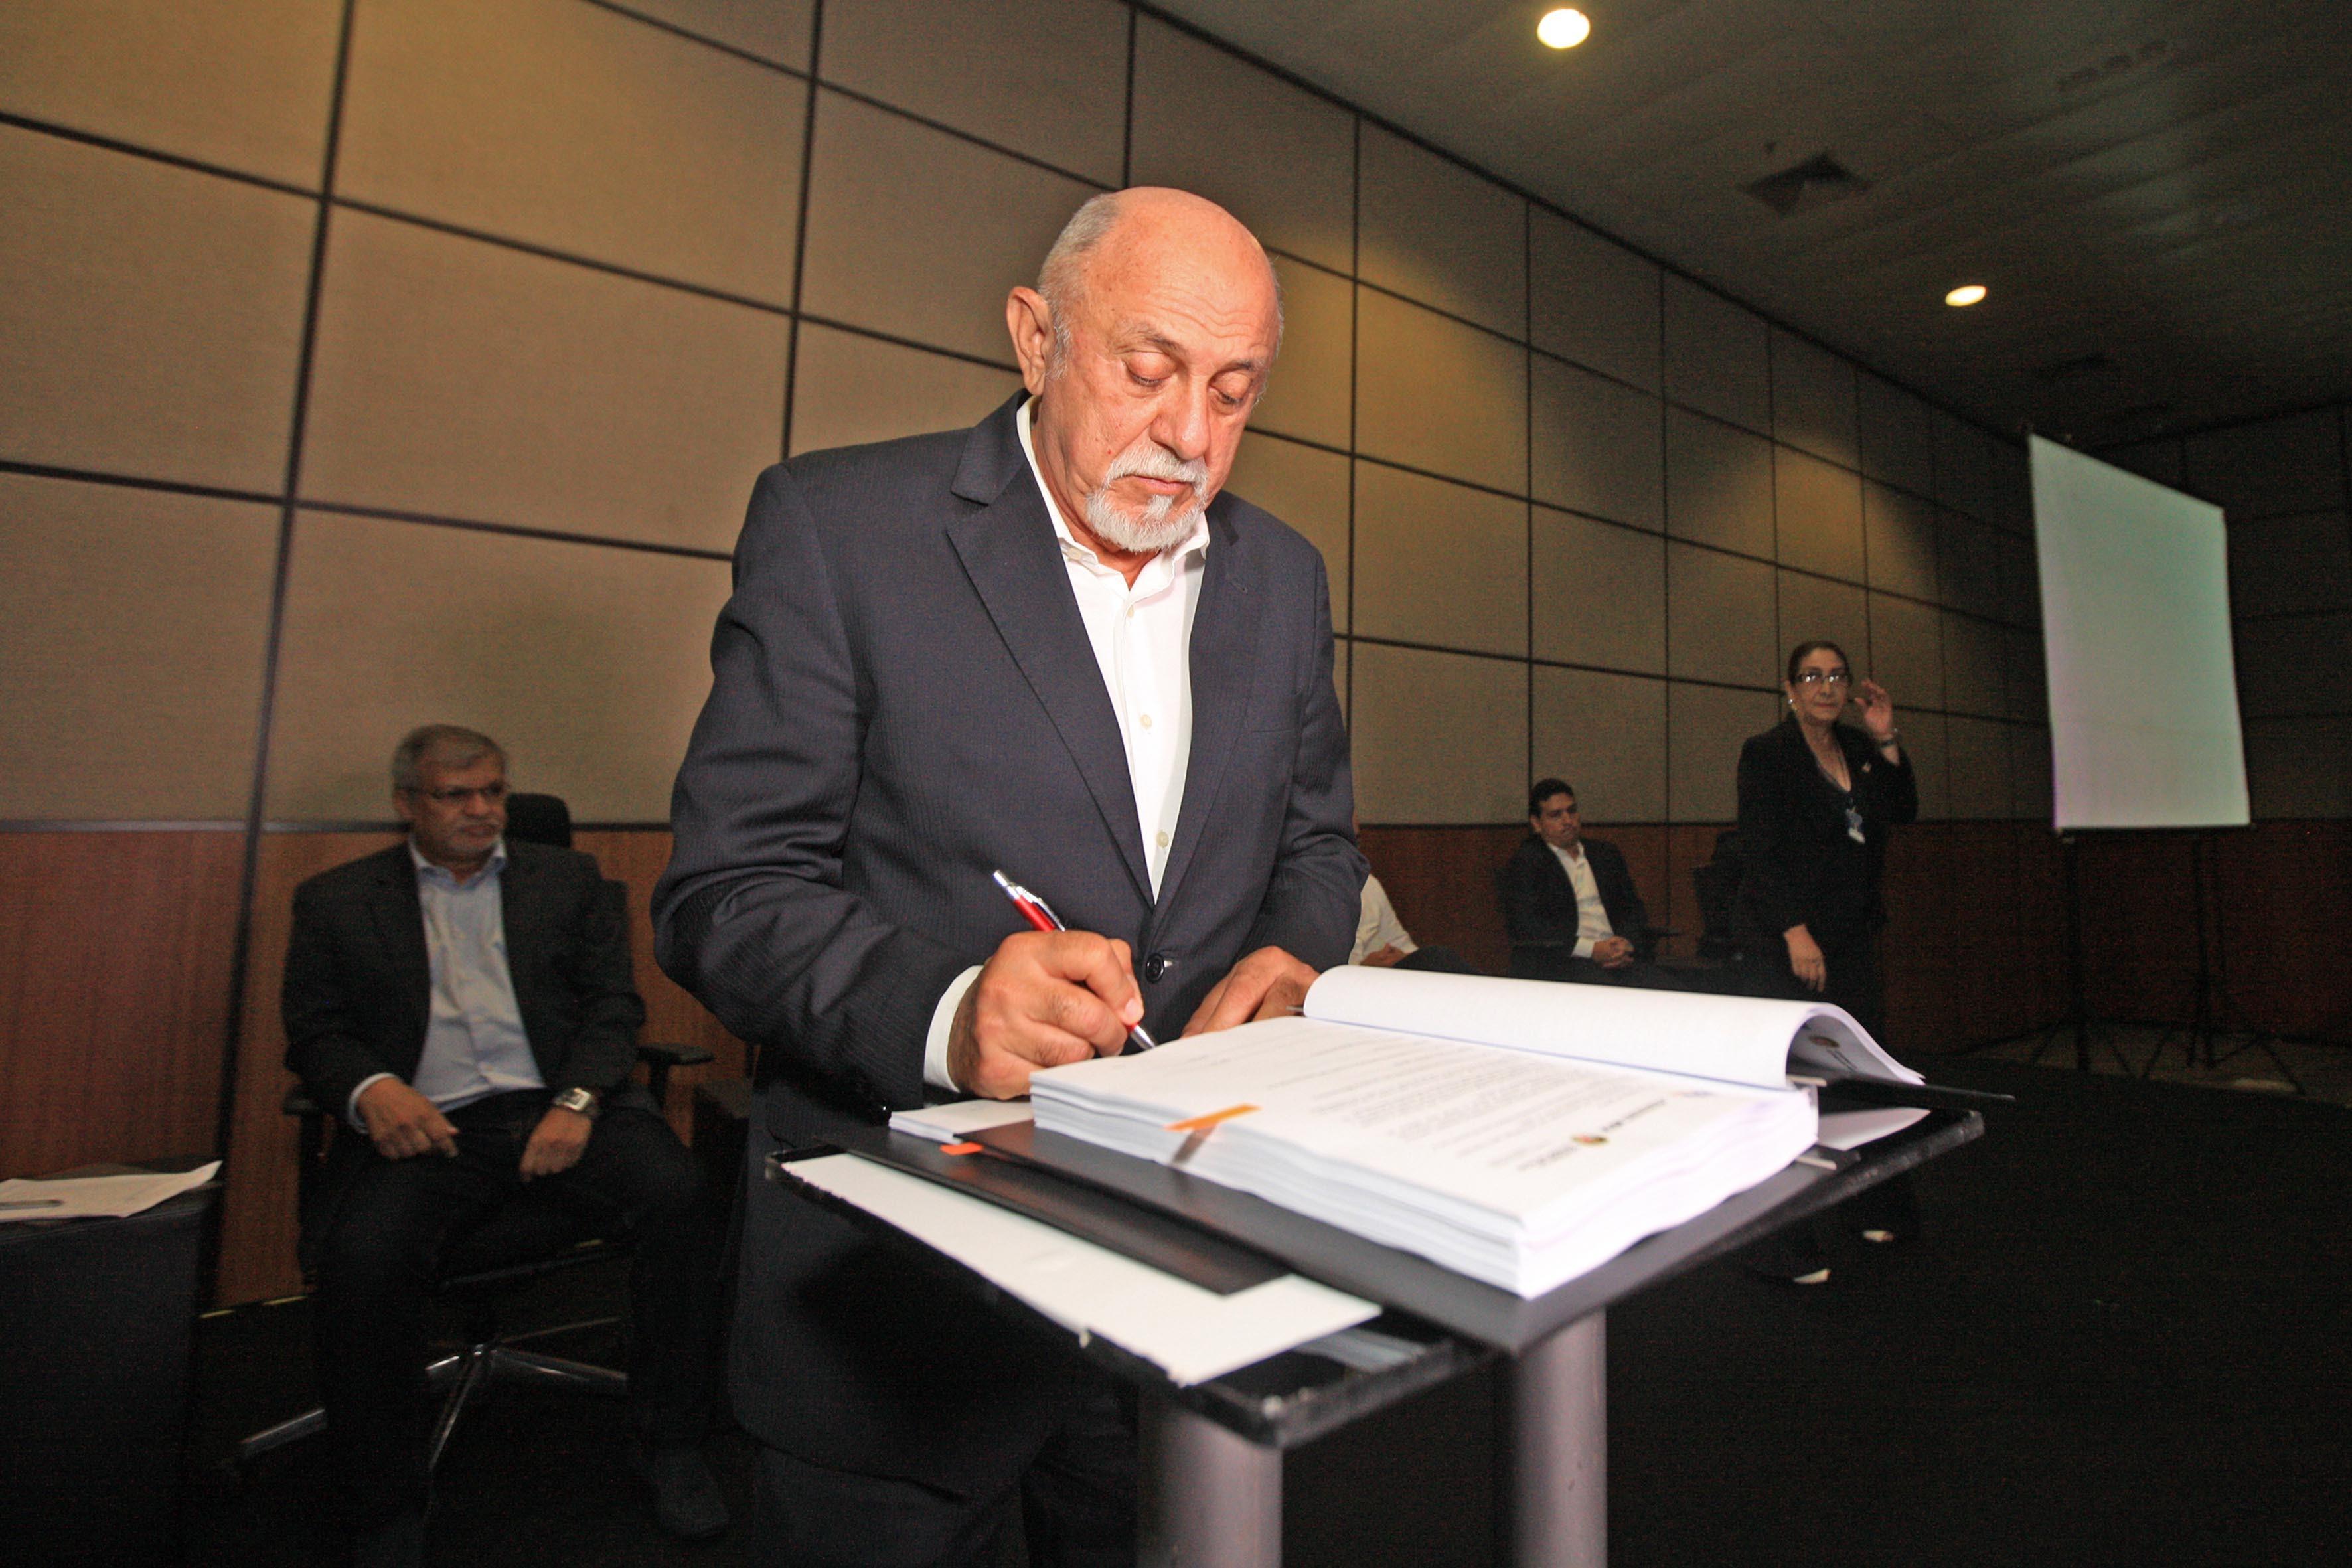 Simão Jatene assina contrato para início do BRT Metropolitano a três meses do fim do mandato